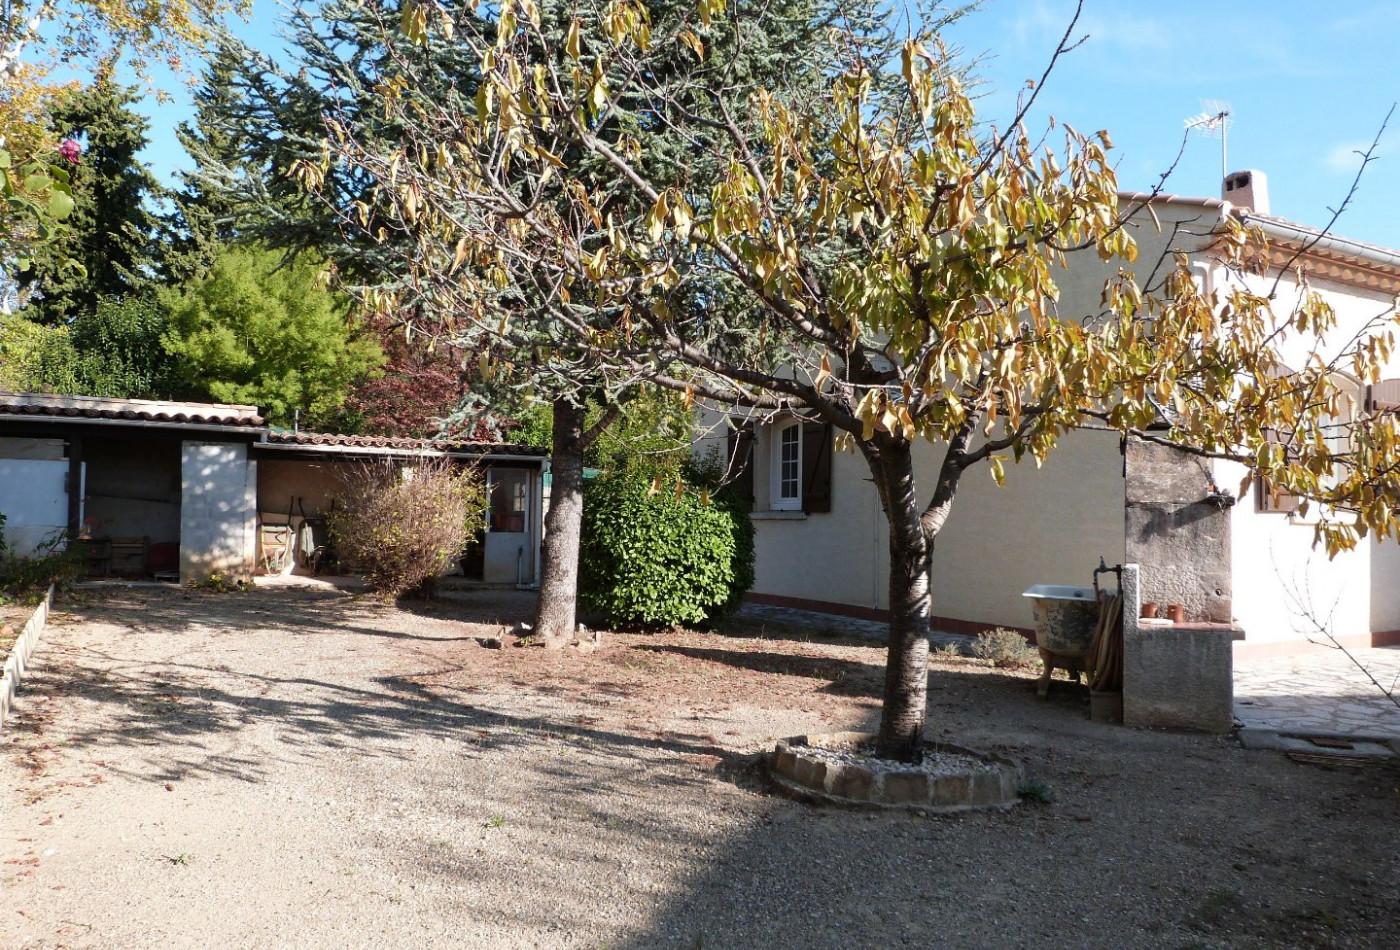 Maison en vente clermont l 39 herault rf340135805 agence - Piscine de clermont l herault ...